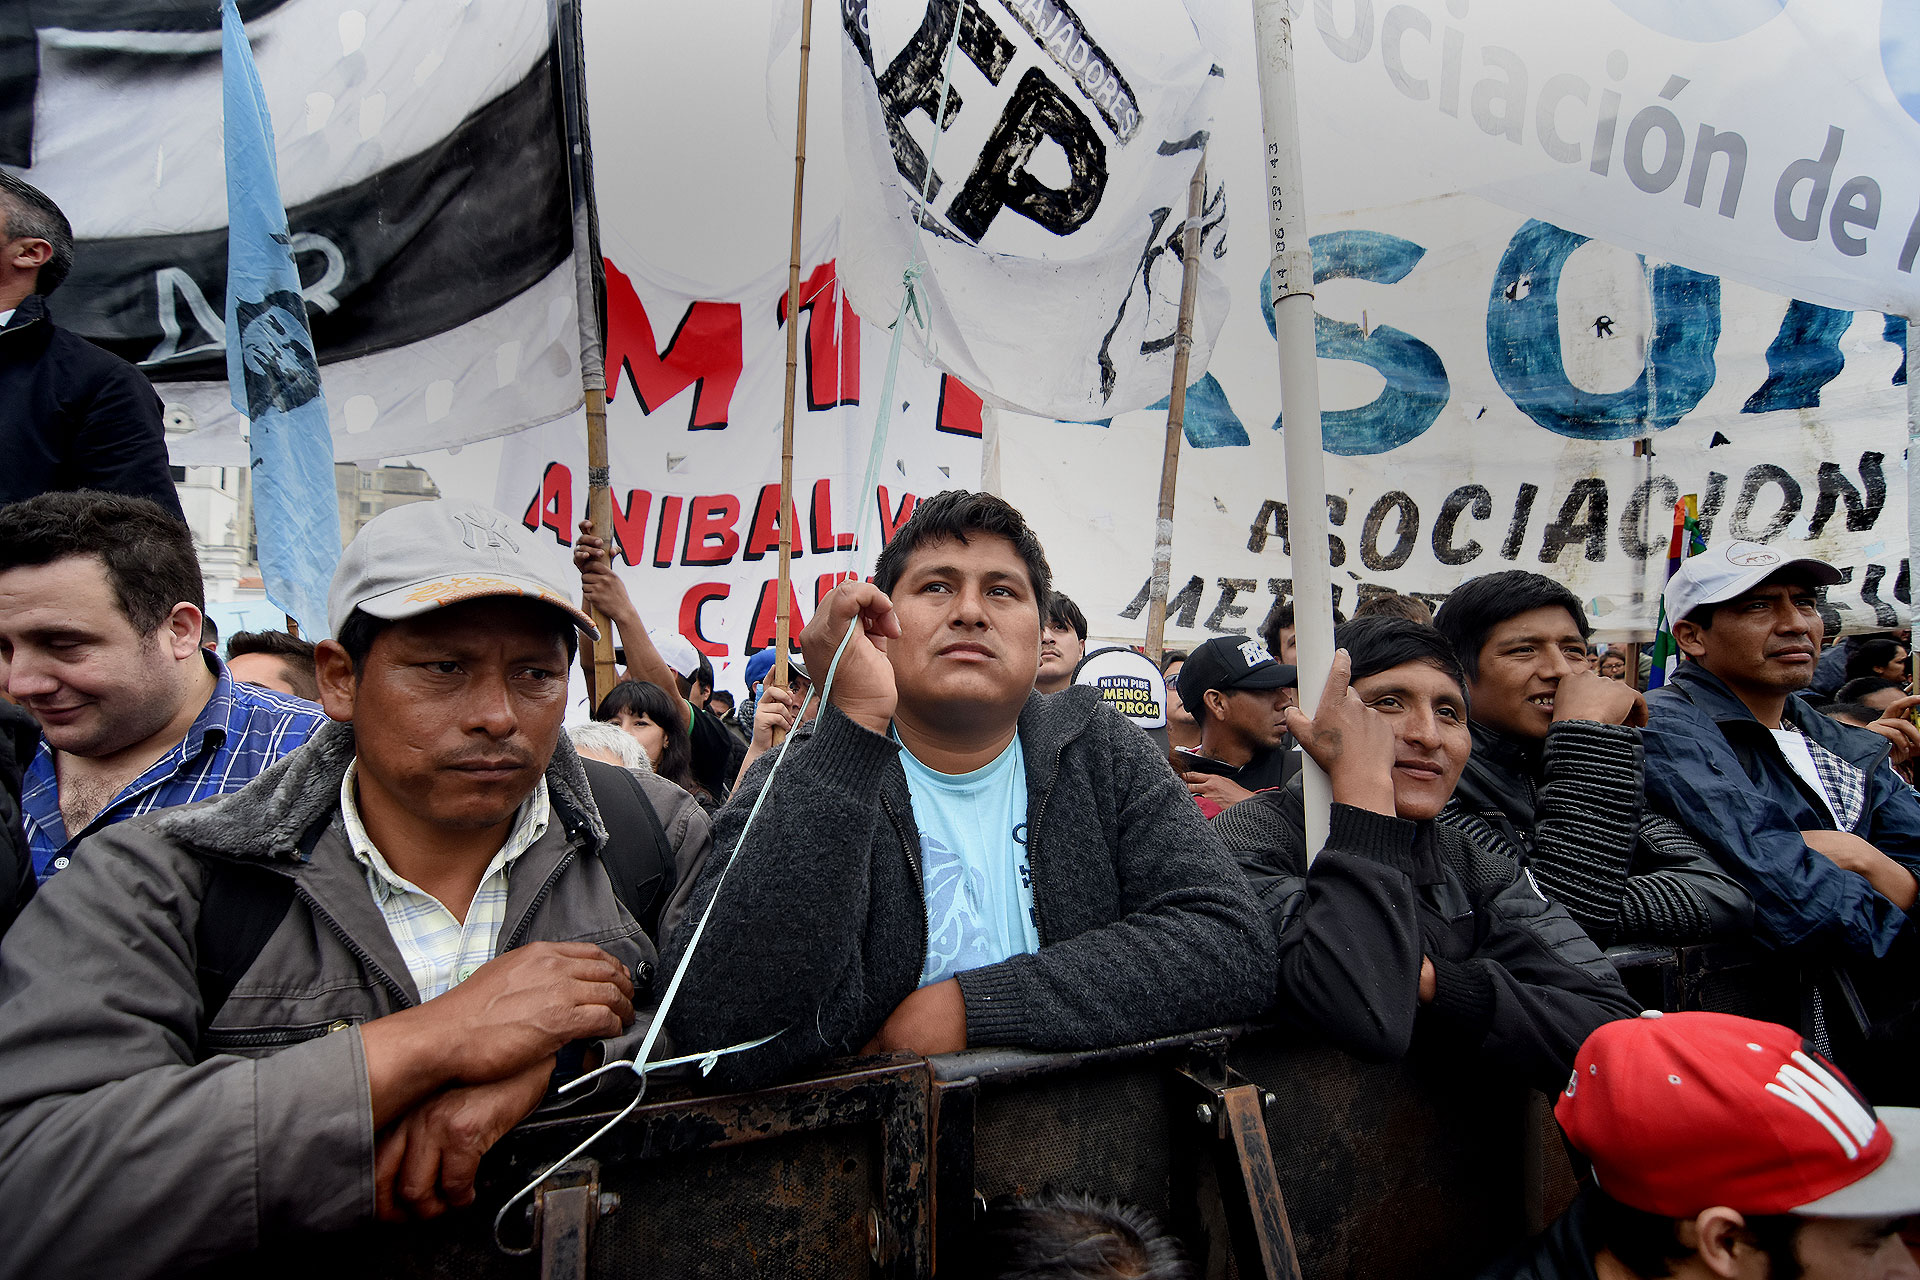 Columnas de manifestantes se concentraron en la plaza, donde se realizó el acto central